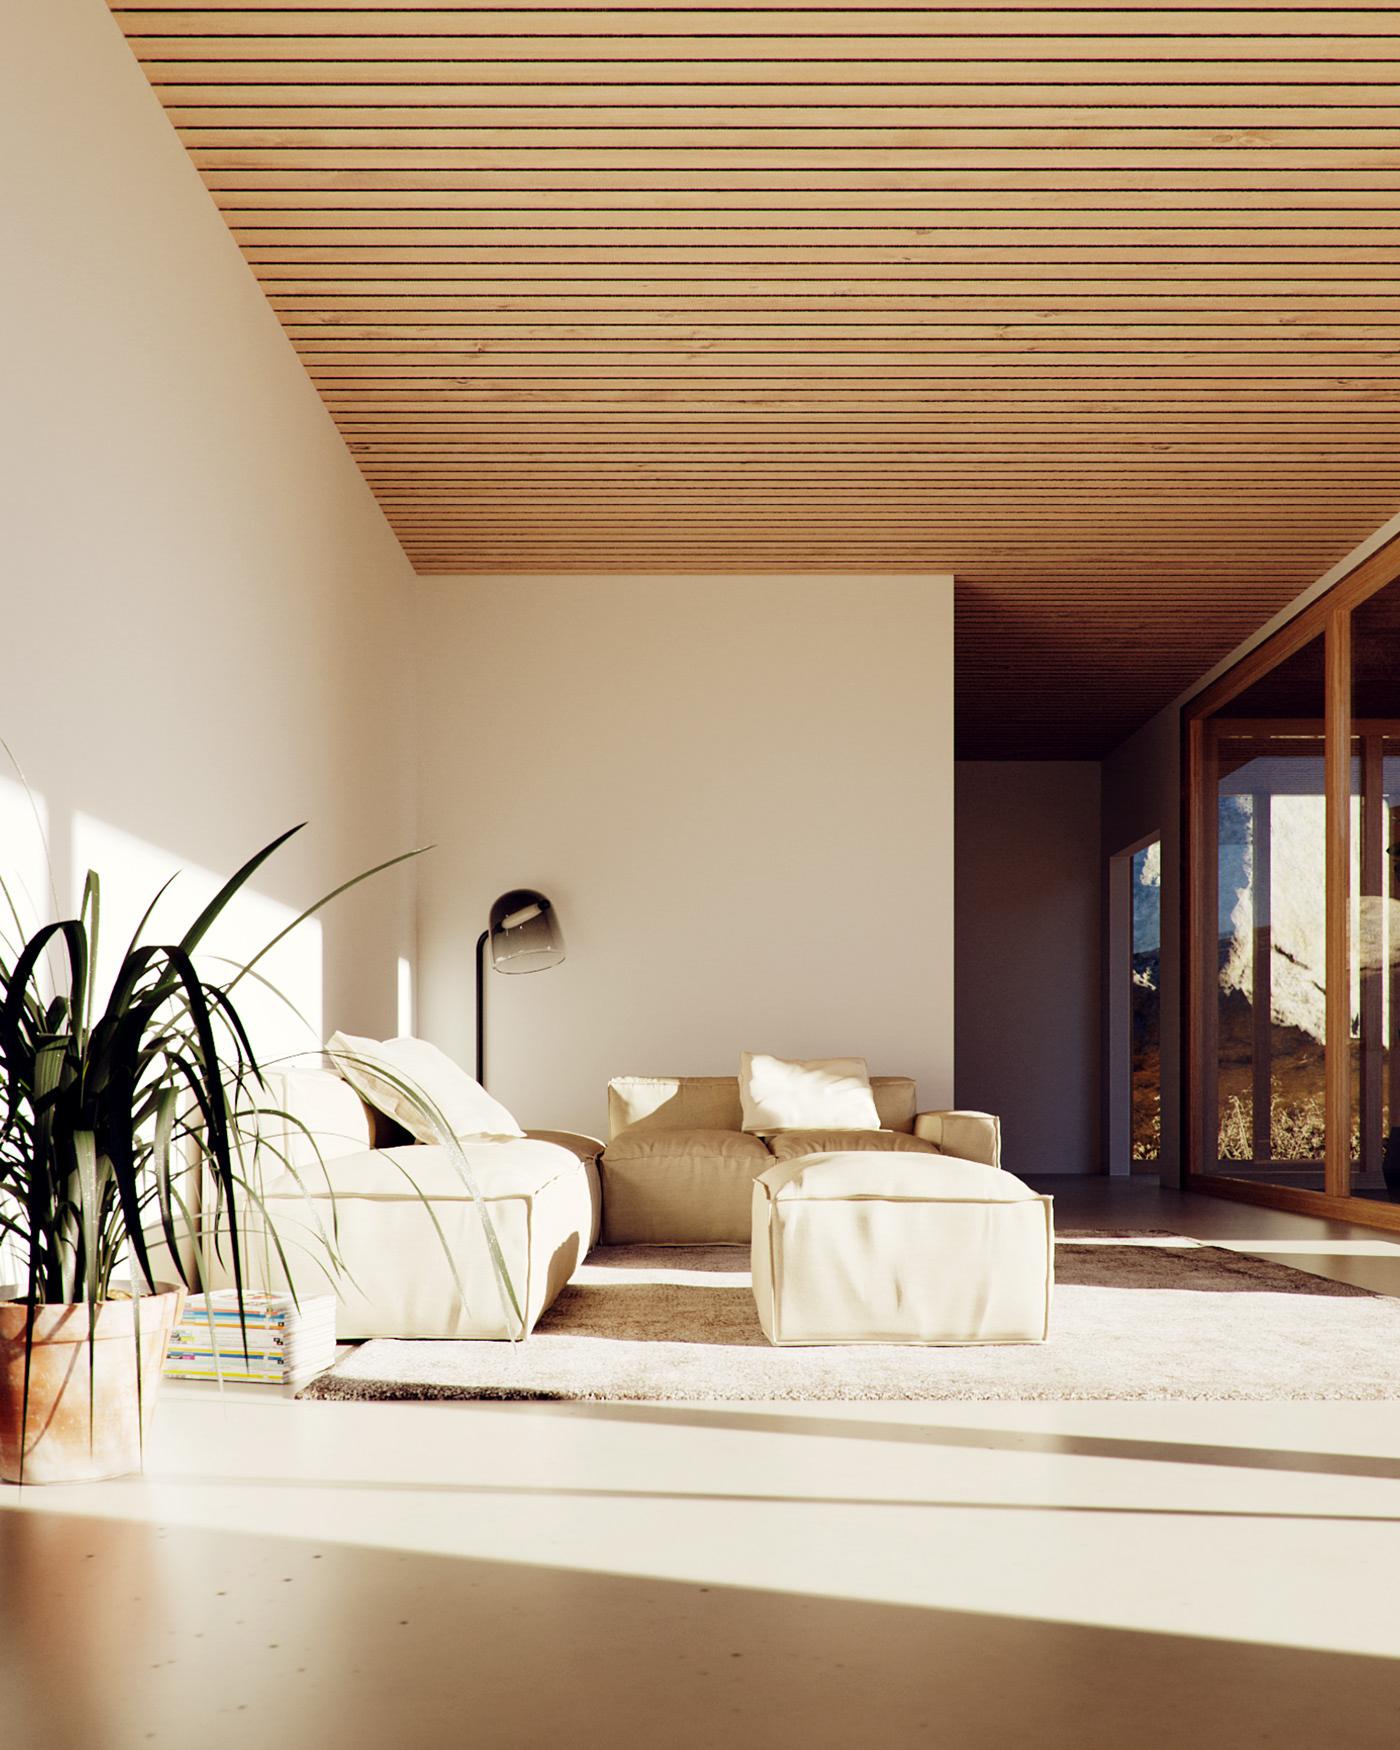 CGI CGi Art CGI Artist CGIArtist ILLUSTRATION  interior design  interiordesign Render rendering visual